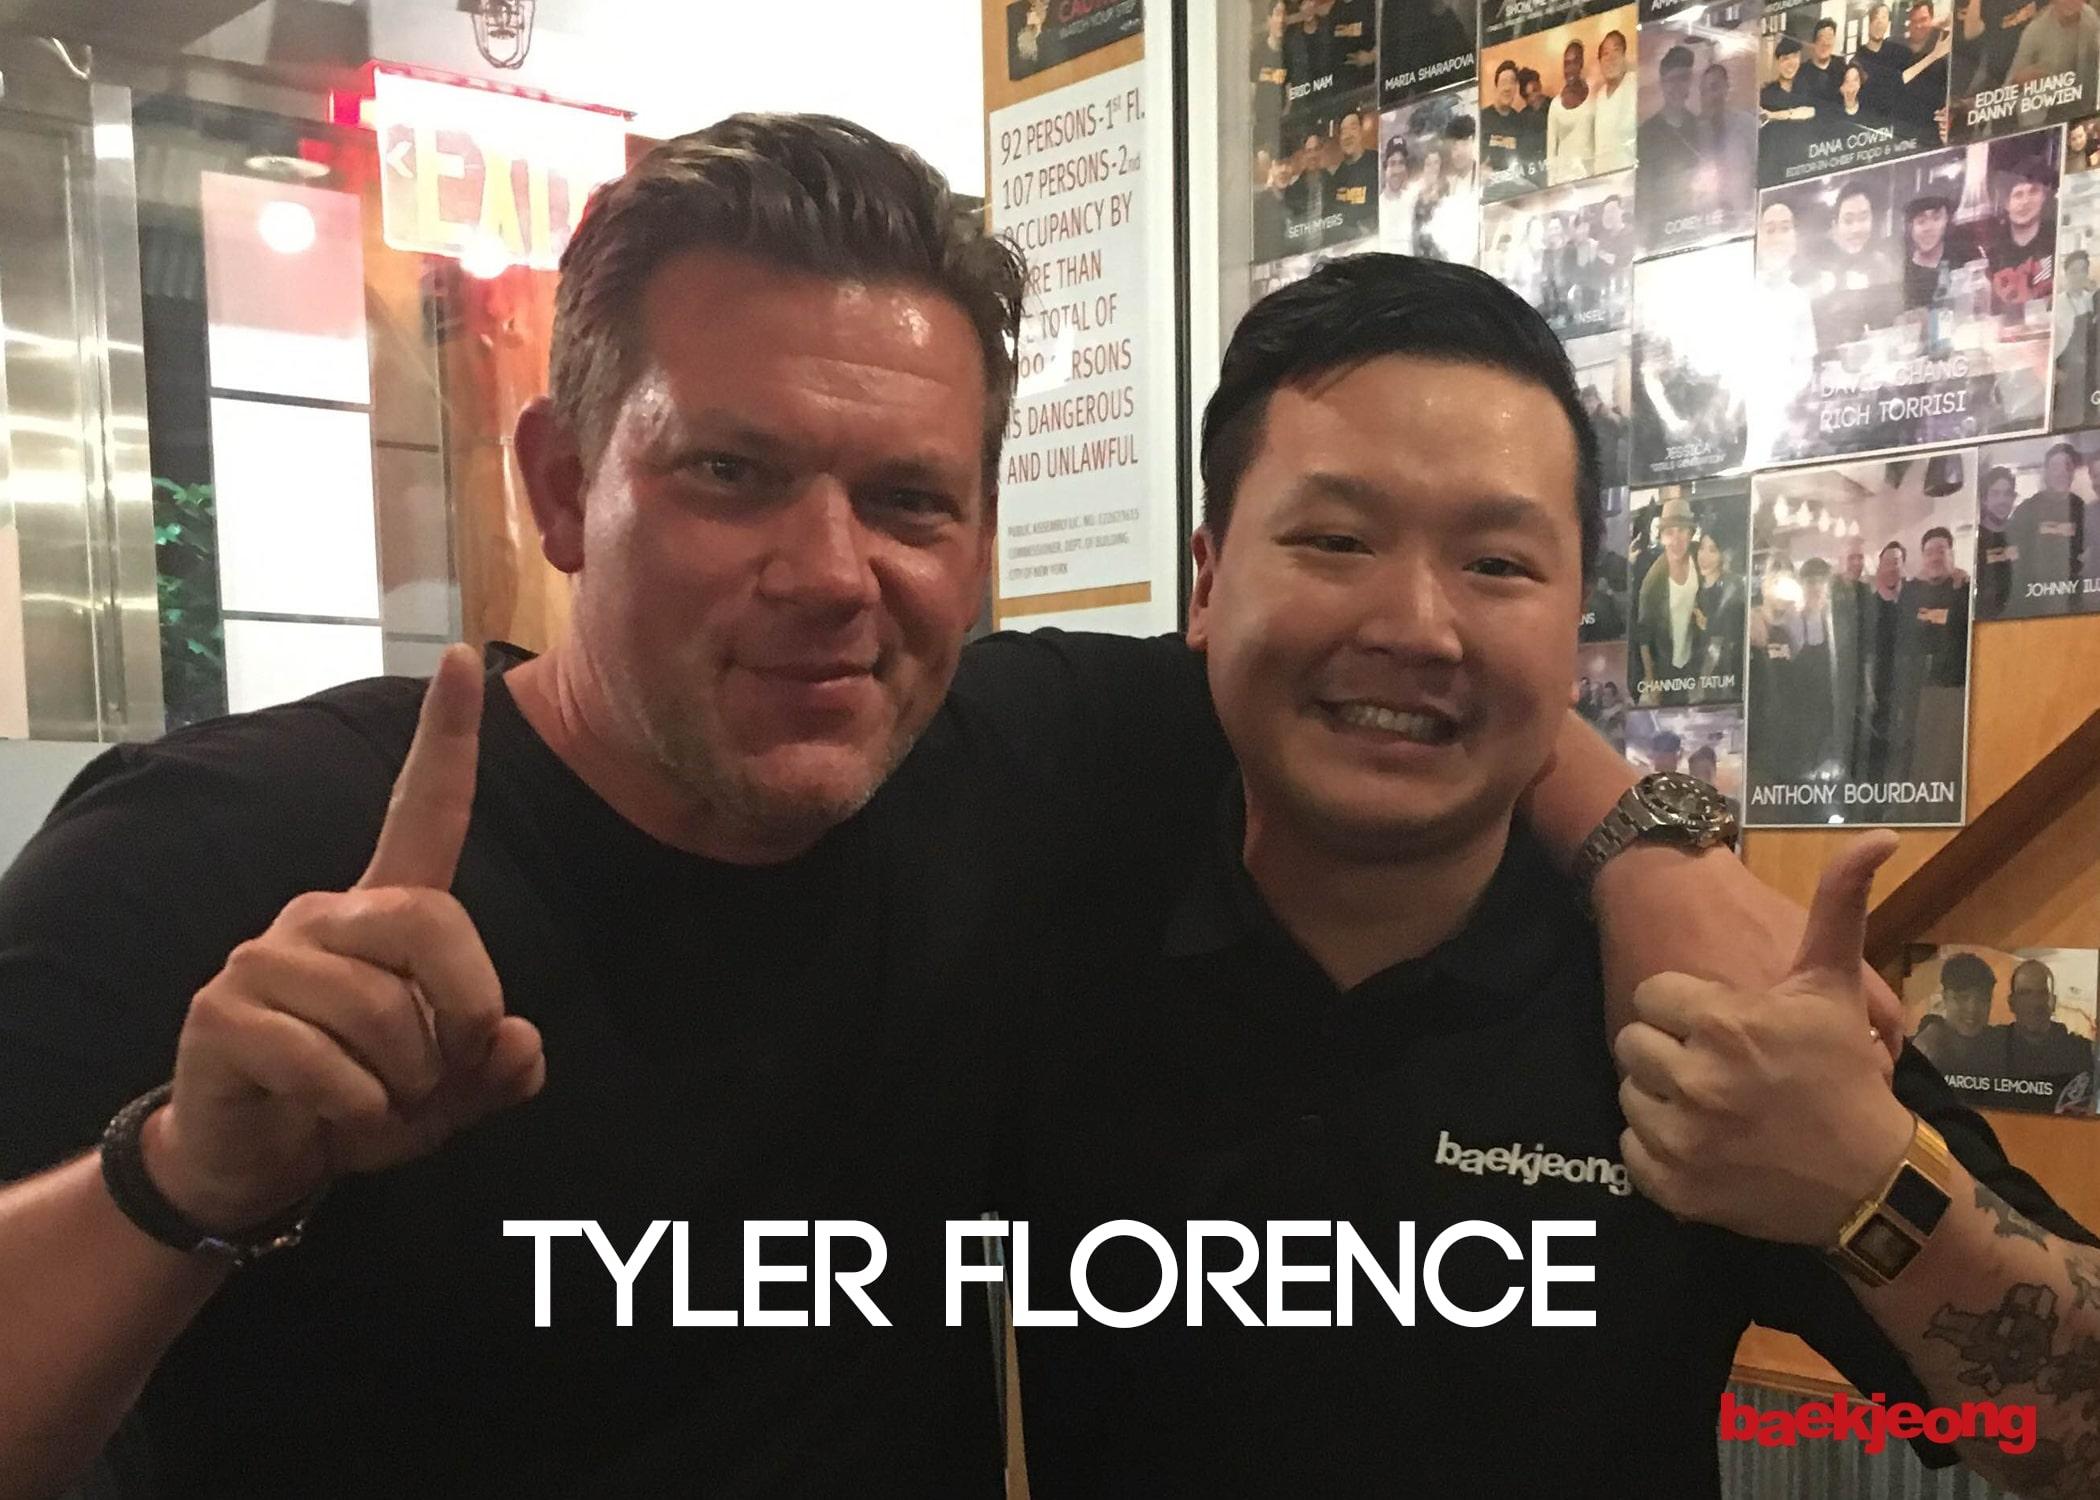 TylerFlorence.jpg